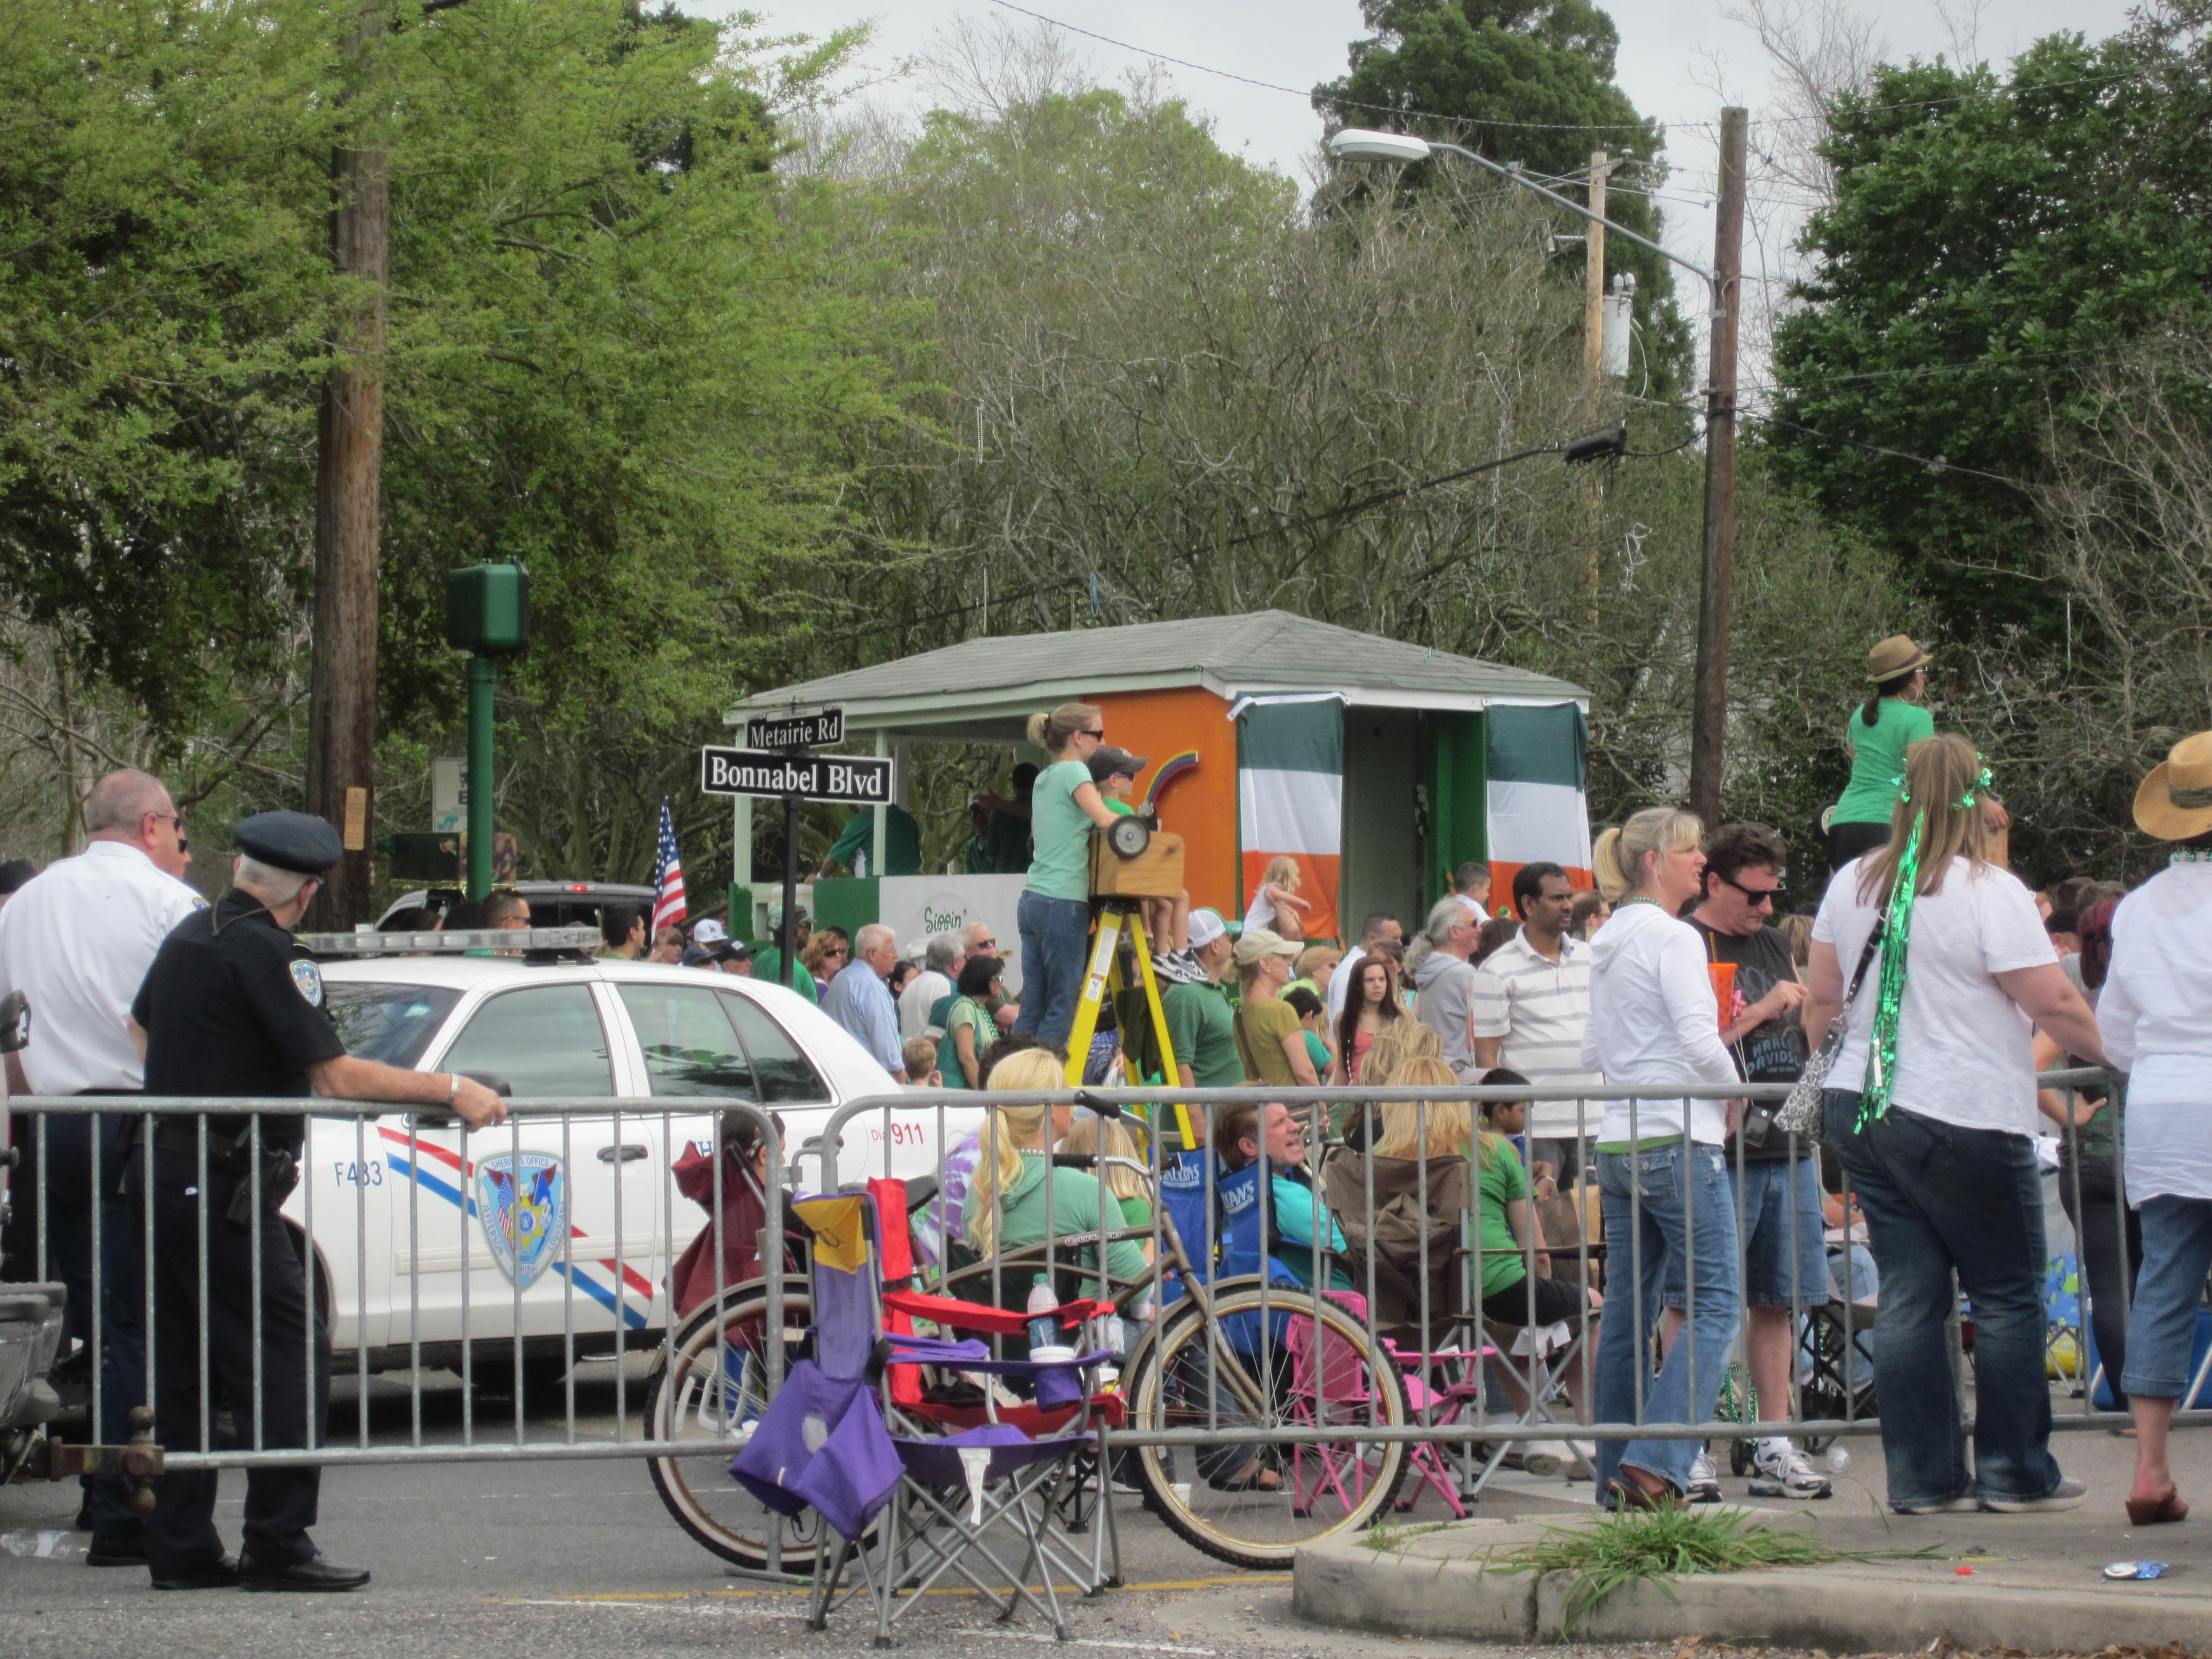 Bike Barricade